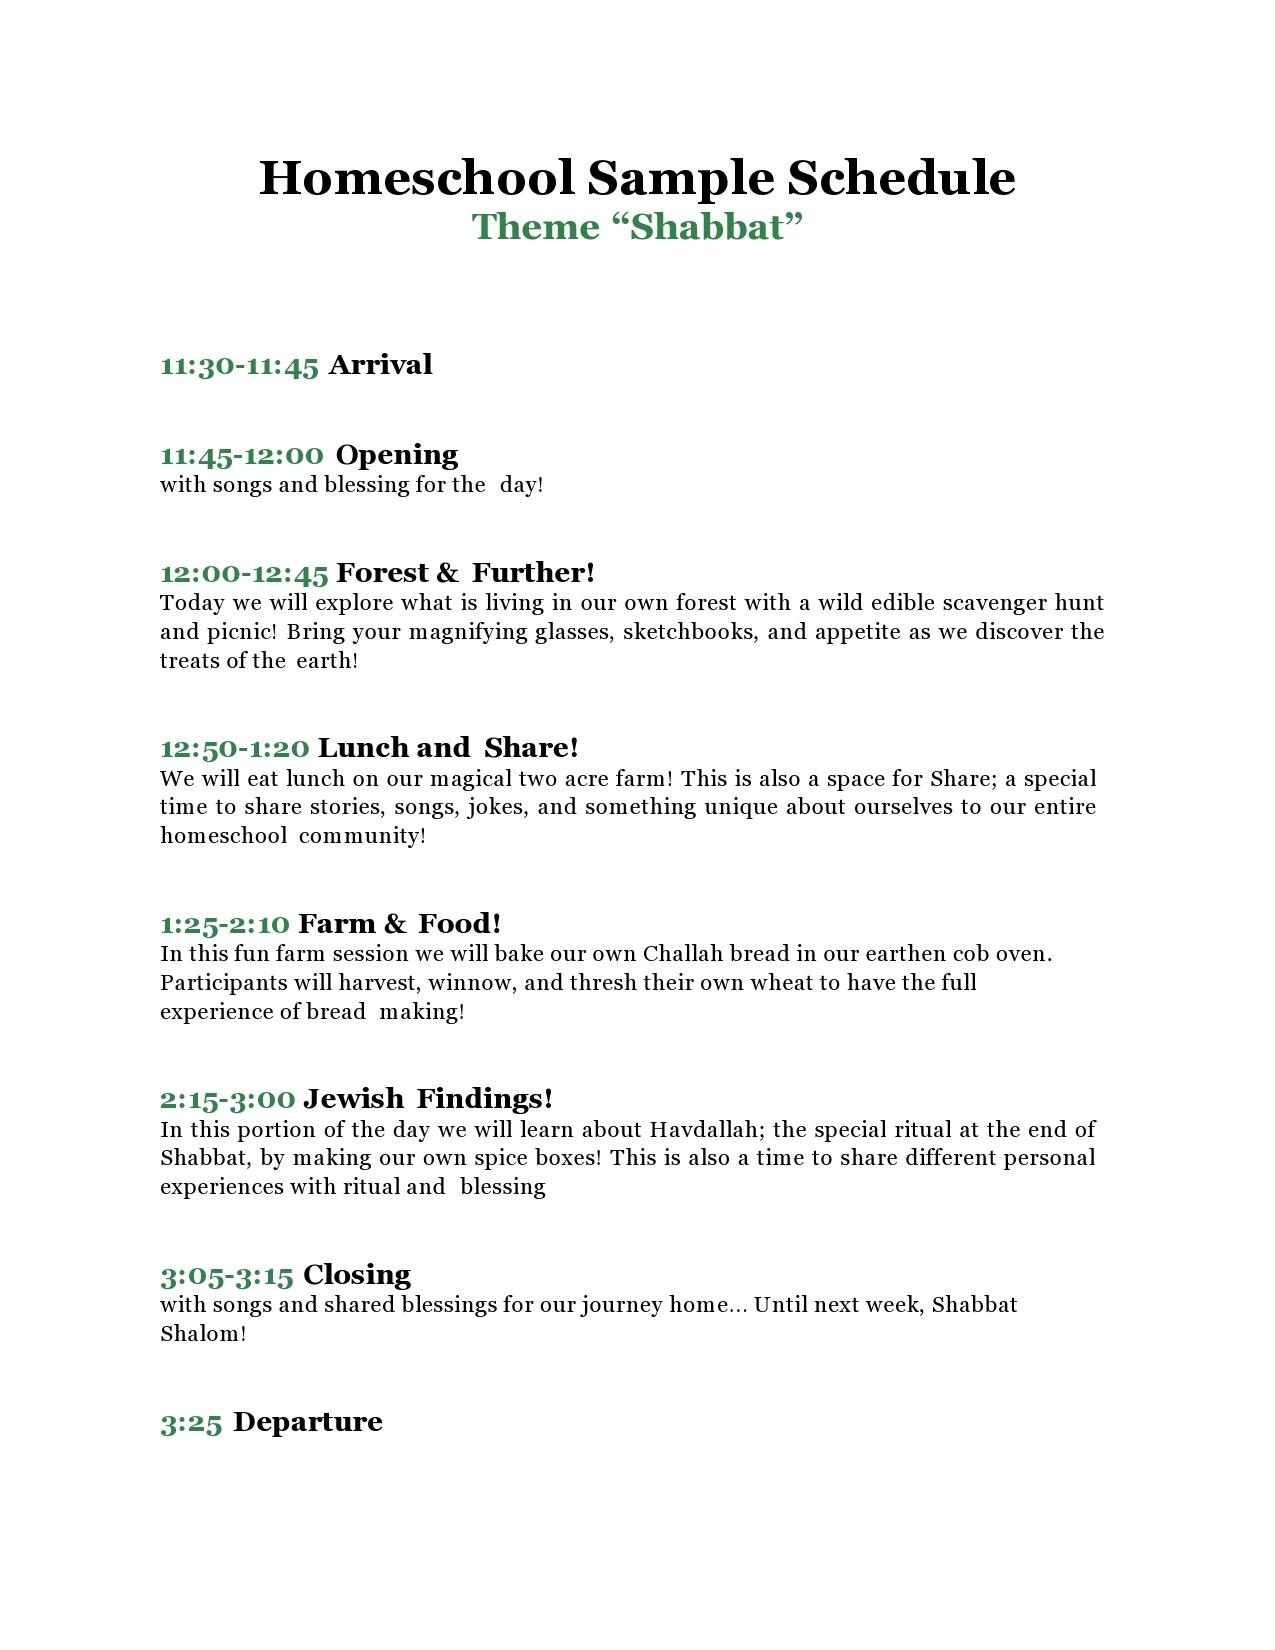 Free homeschool schedule template 07